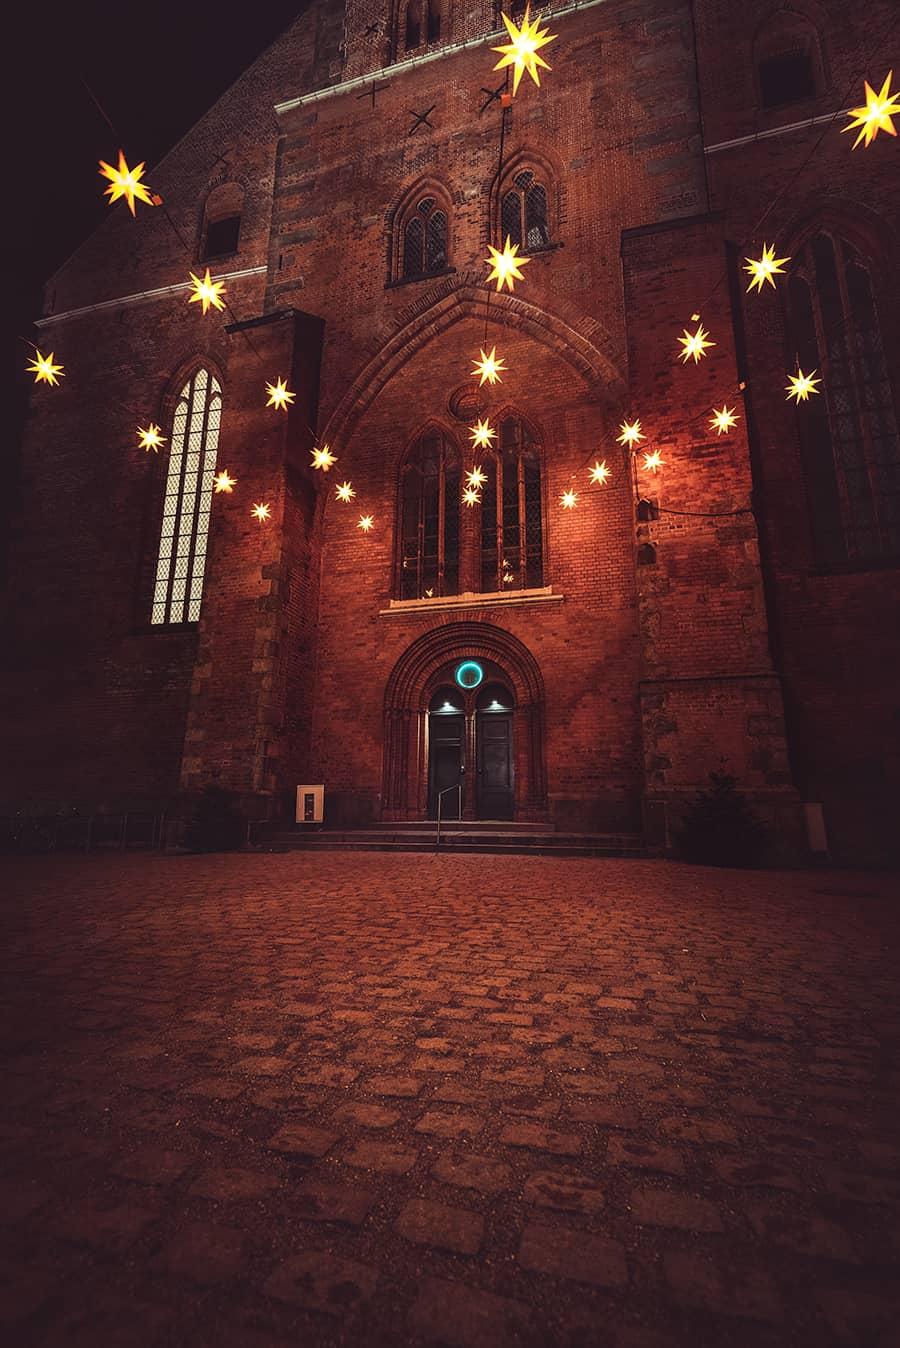 Weihnachtssterne über dem Eingang der Petrikirche